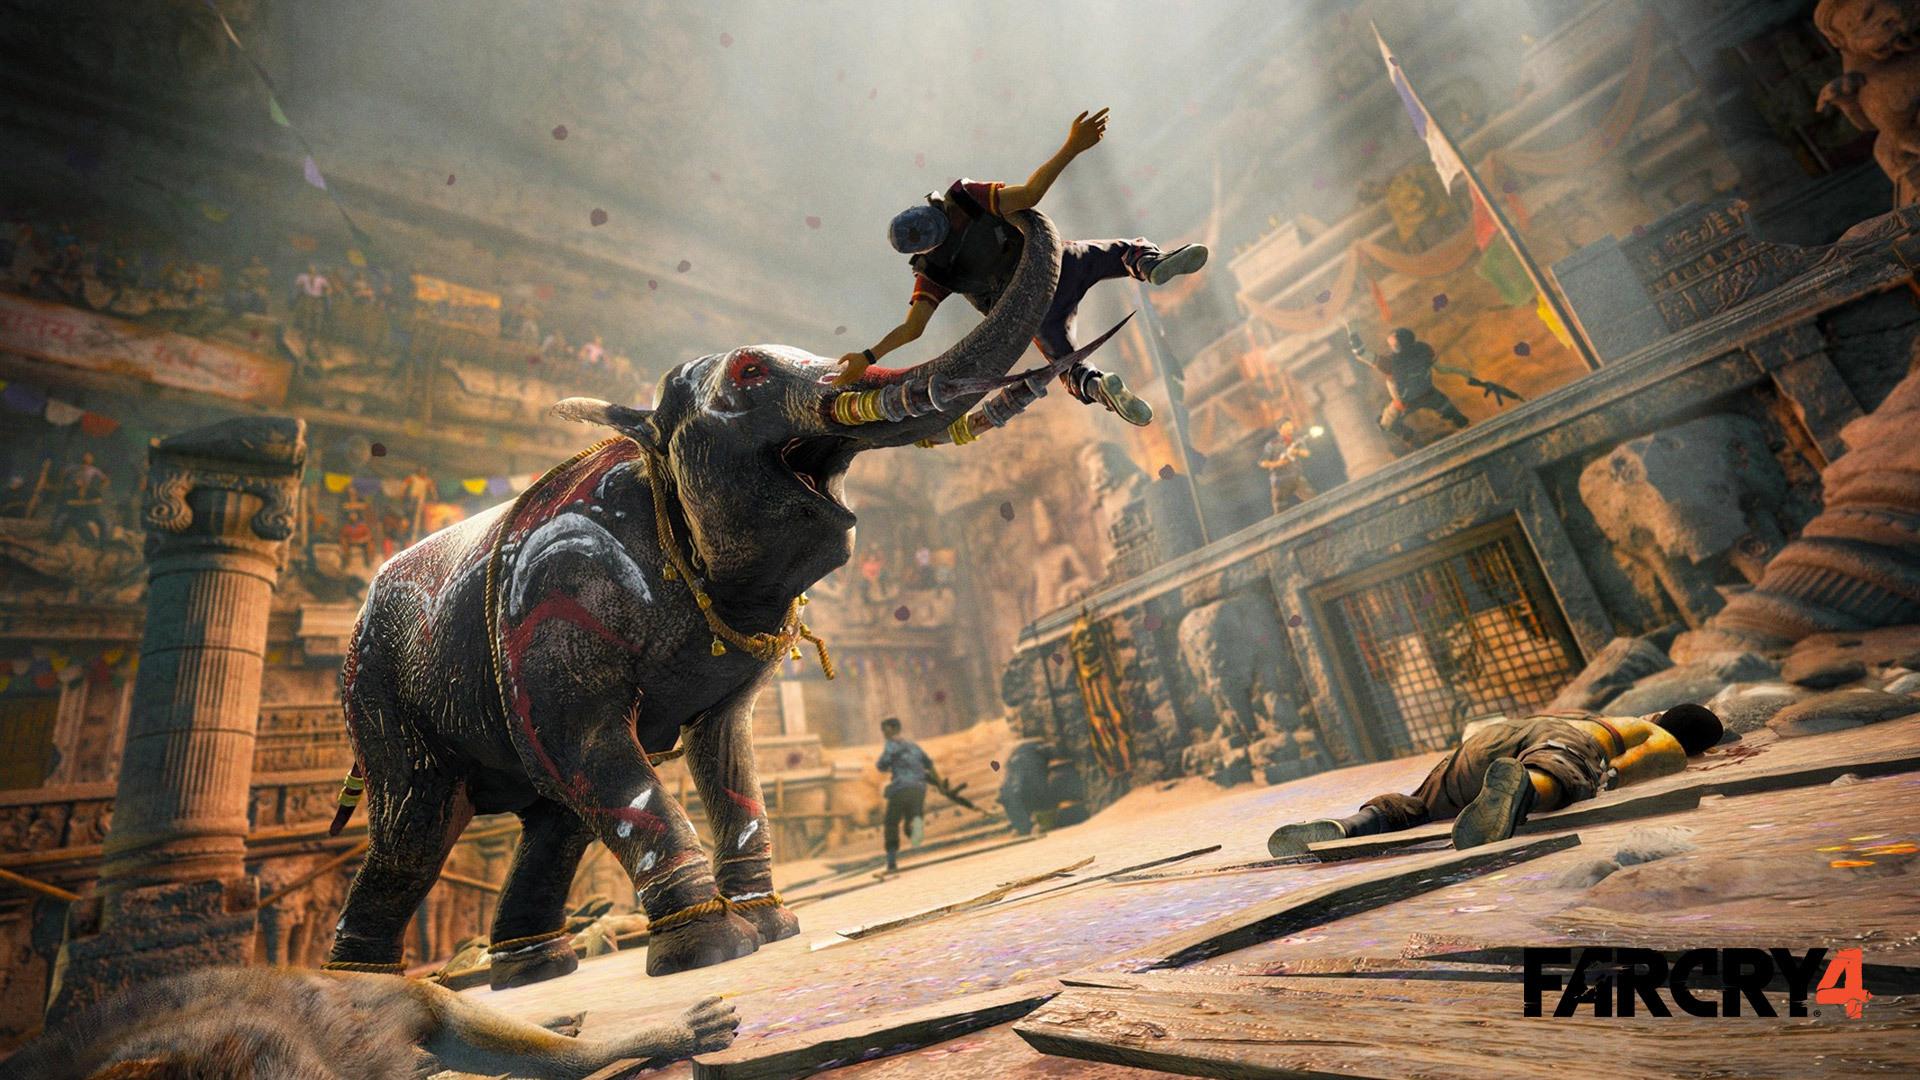 单机游戏首页 攻略中心 游戏攻略 孤岛惊魂4攻略  另外,在躲犀牛和熊